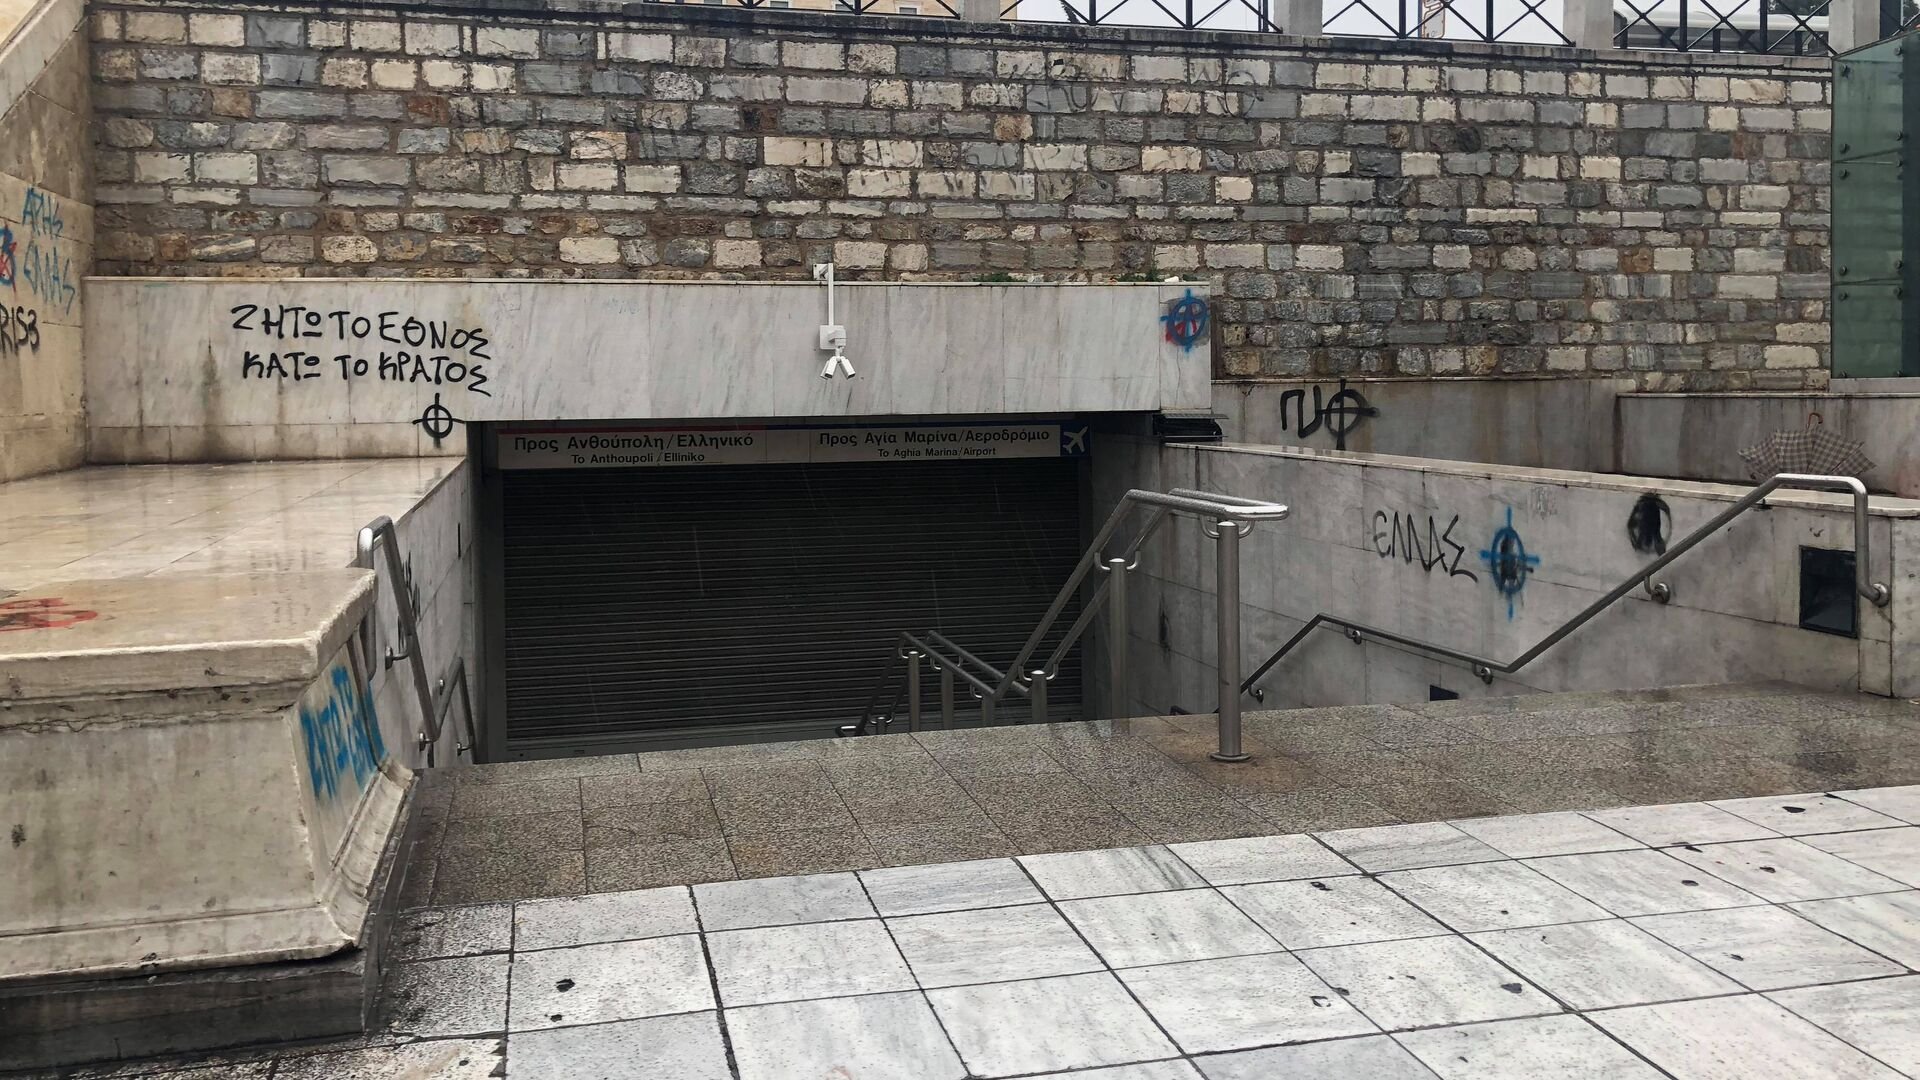 Κλειστός ο σταθμός του μετρό στο Σύνταγμα - Sputnik Ελλάδα, 1920, 08.09.2021